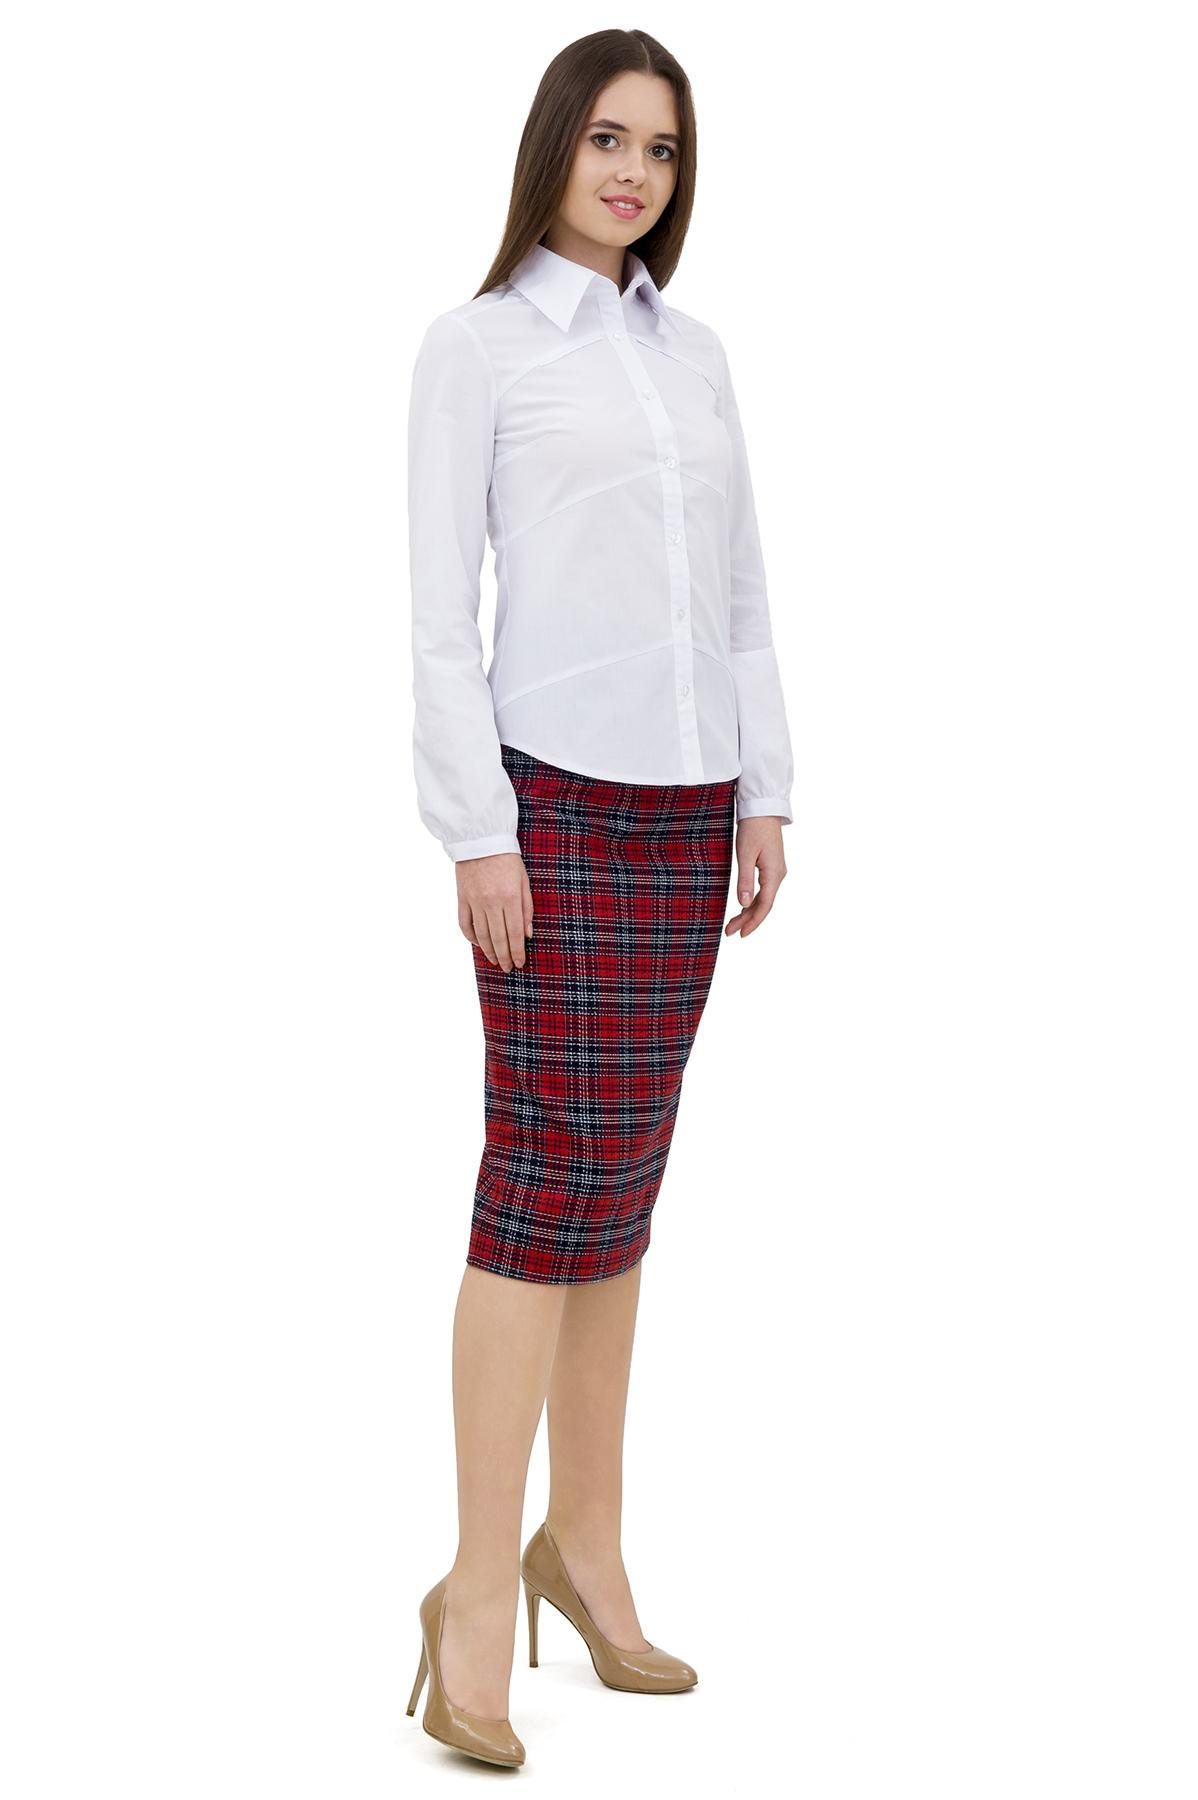 ЮбкаЖенские юбки и брюки<br>Стильная юбка актуальной длины  для ярких и уверенных в своей неотразимости женщин. Изделие прекрасно сочетается со многими элементами гардероба.<br><br>Цвет: красный,синий<br>Состав: 61% полиэстер; 34% вискоза; 5% эластан<br>Размер: 42,44,46,48,50,52<br>Страна дизайна: Россия<br>Страна производства: Россия